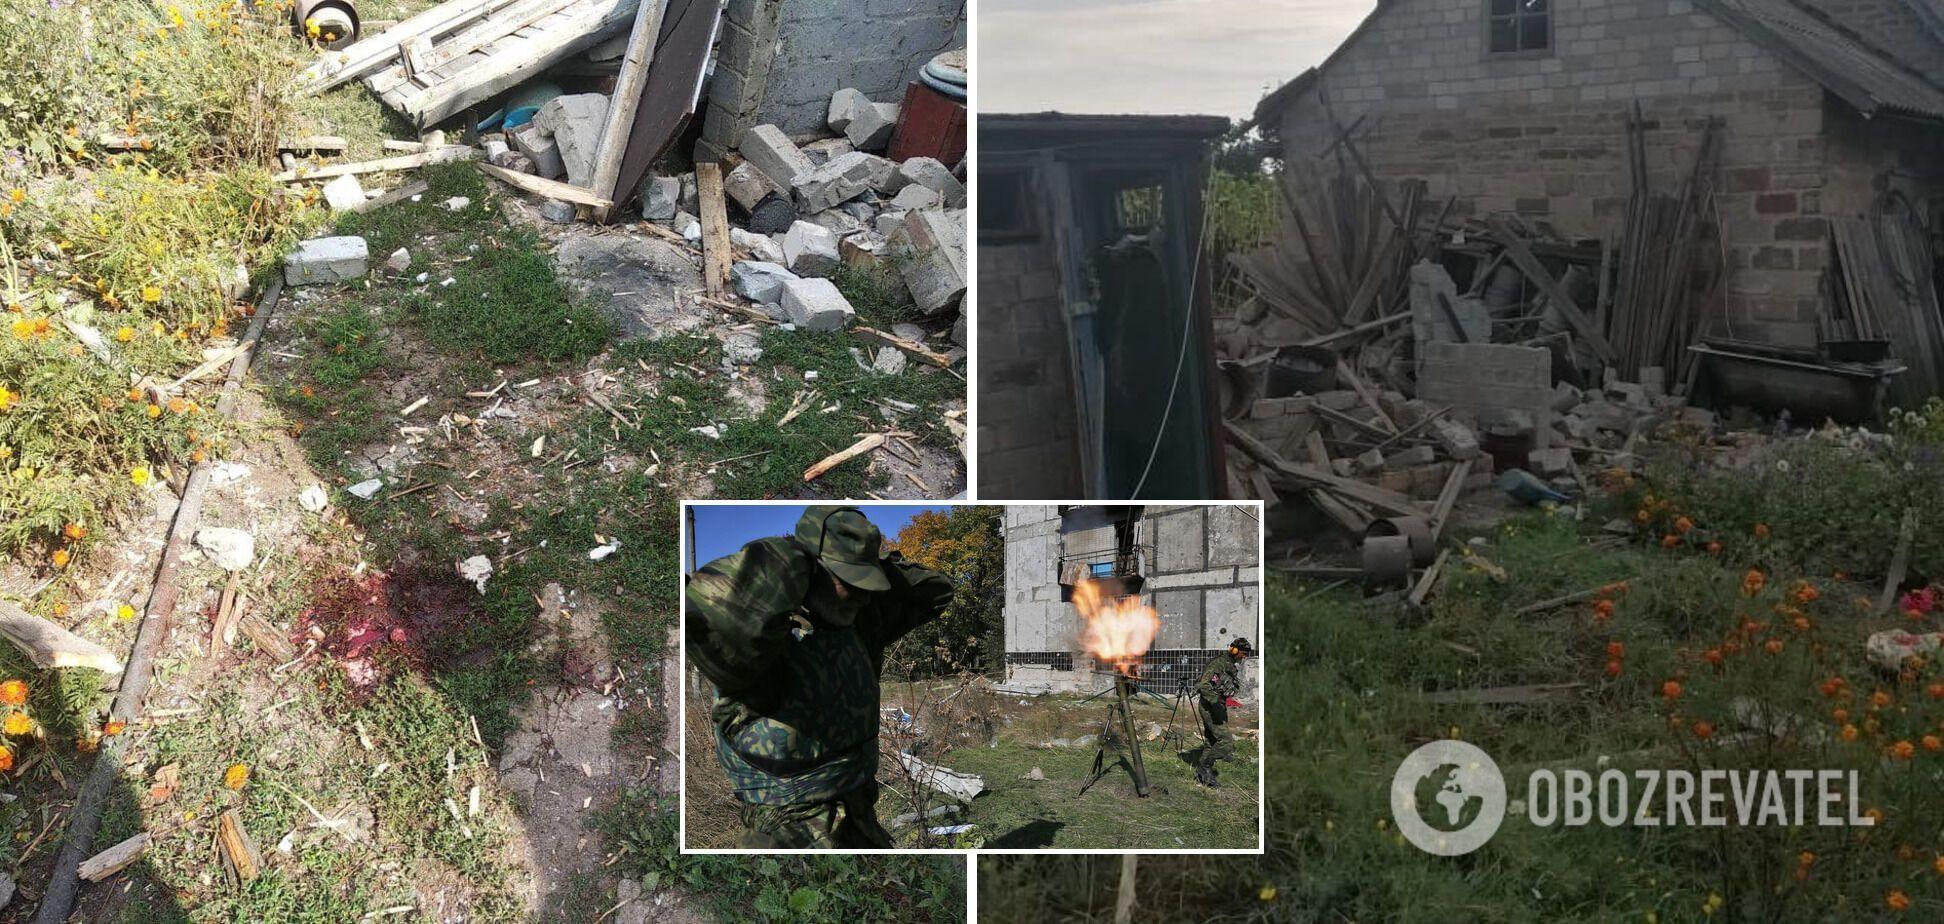 'Захисникам російськомовного населення' можна вбивати жителів Донбасу?